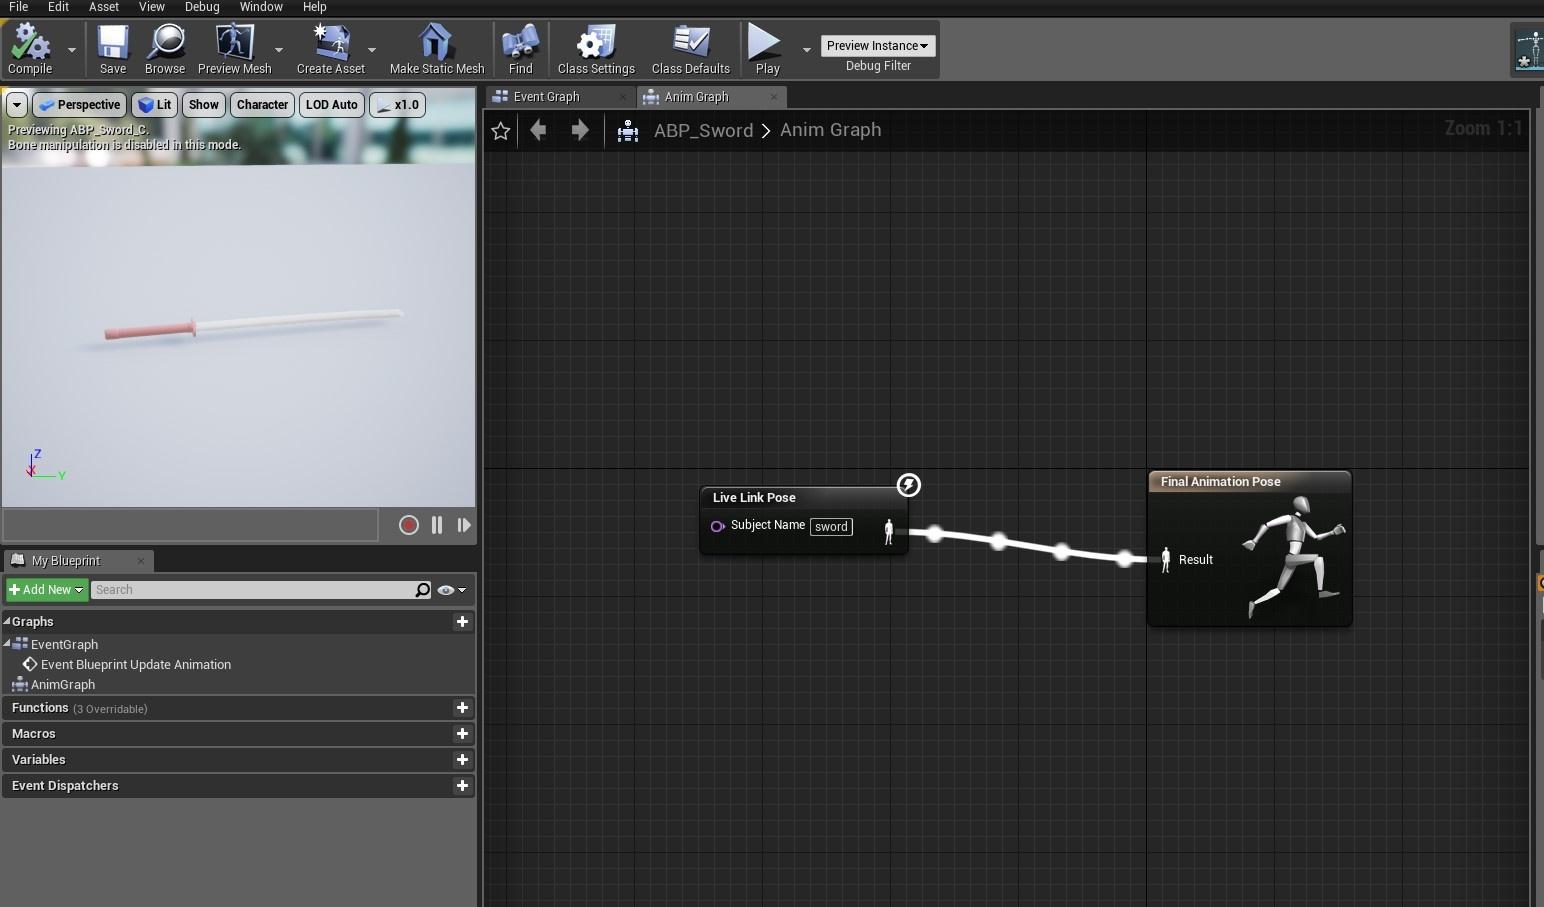 Stream Vicon Shogun full body with prop into Unreal Engine 4